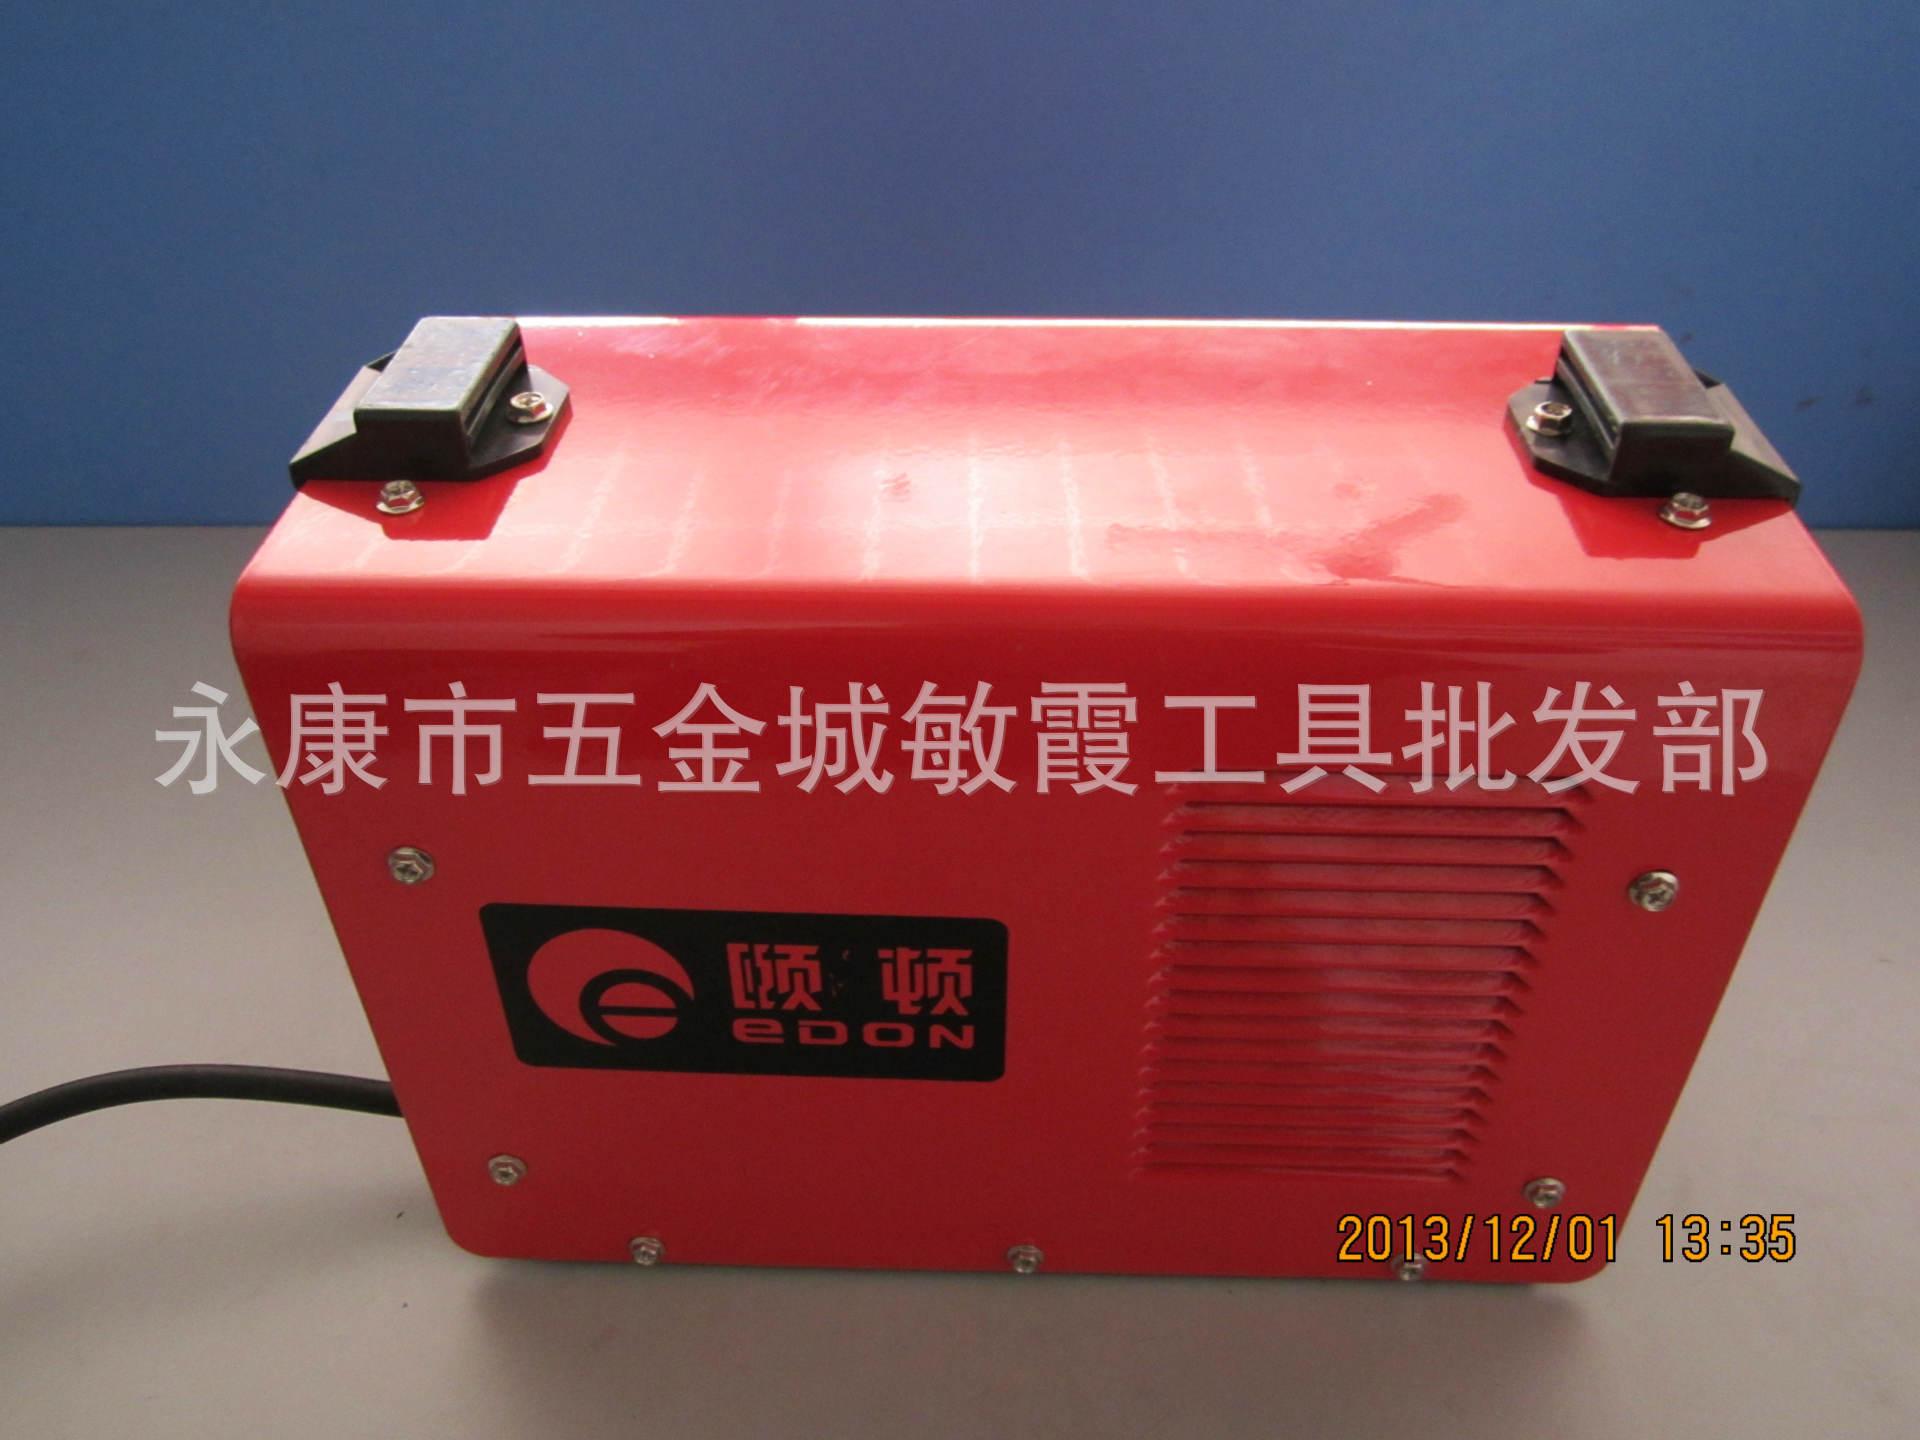 直销 颐顿牌直流焊机 电焊机 小型迷你型工业焊机 -电弧焊机 中国黄页图片